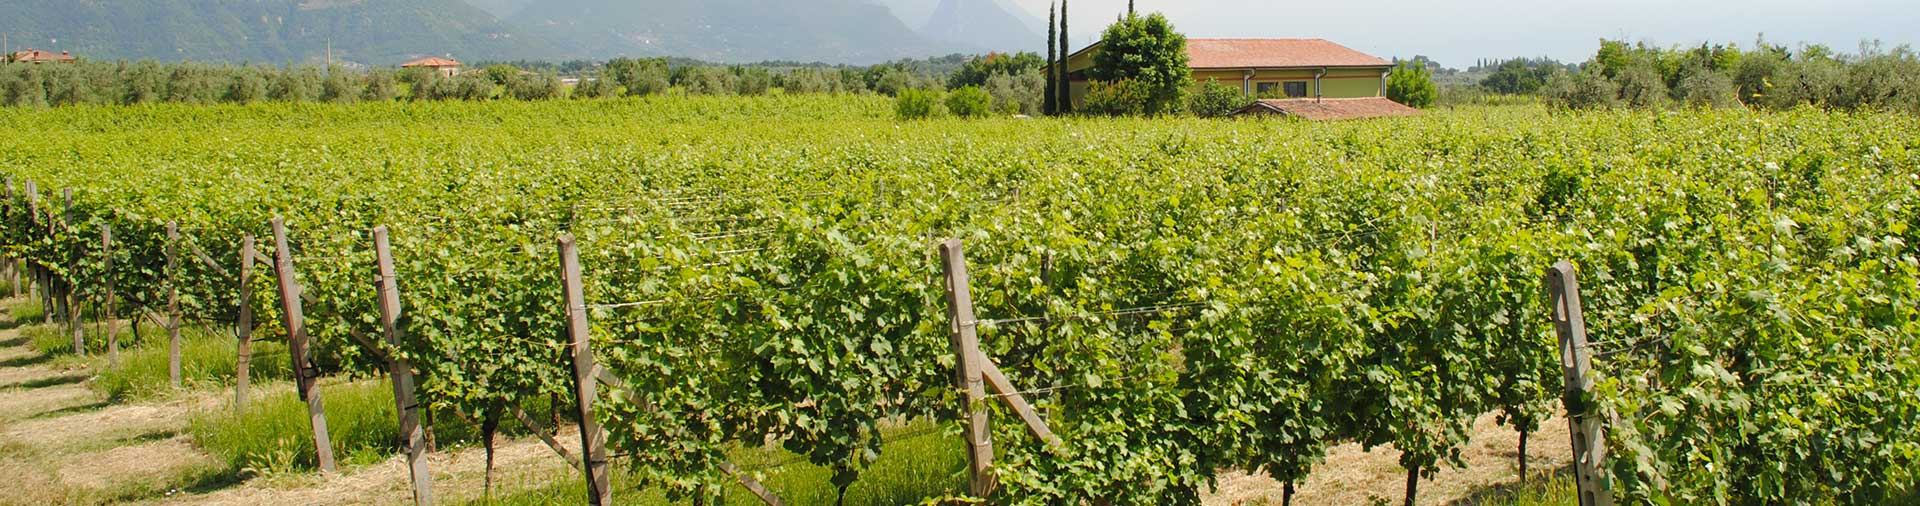 Oggi Gallery La Meridiana Azienda Agricola Puegnato del Garda Brescia